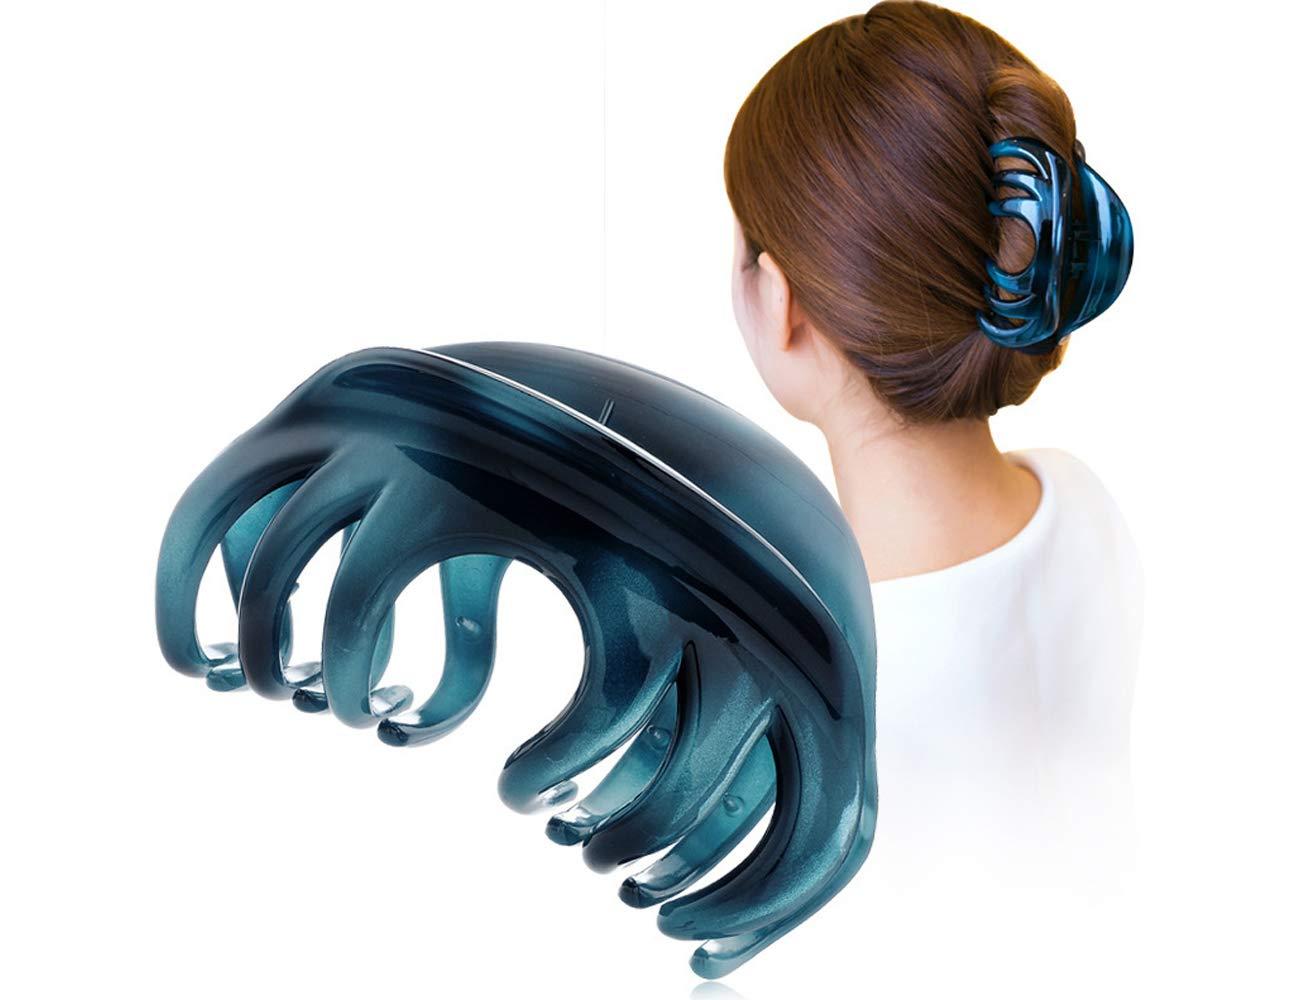 Youxuan Hair Claw for Women, 4 Inch Pretty Hair Clip, Hair Grip for Thick Hair, Niagara Blue